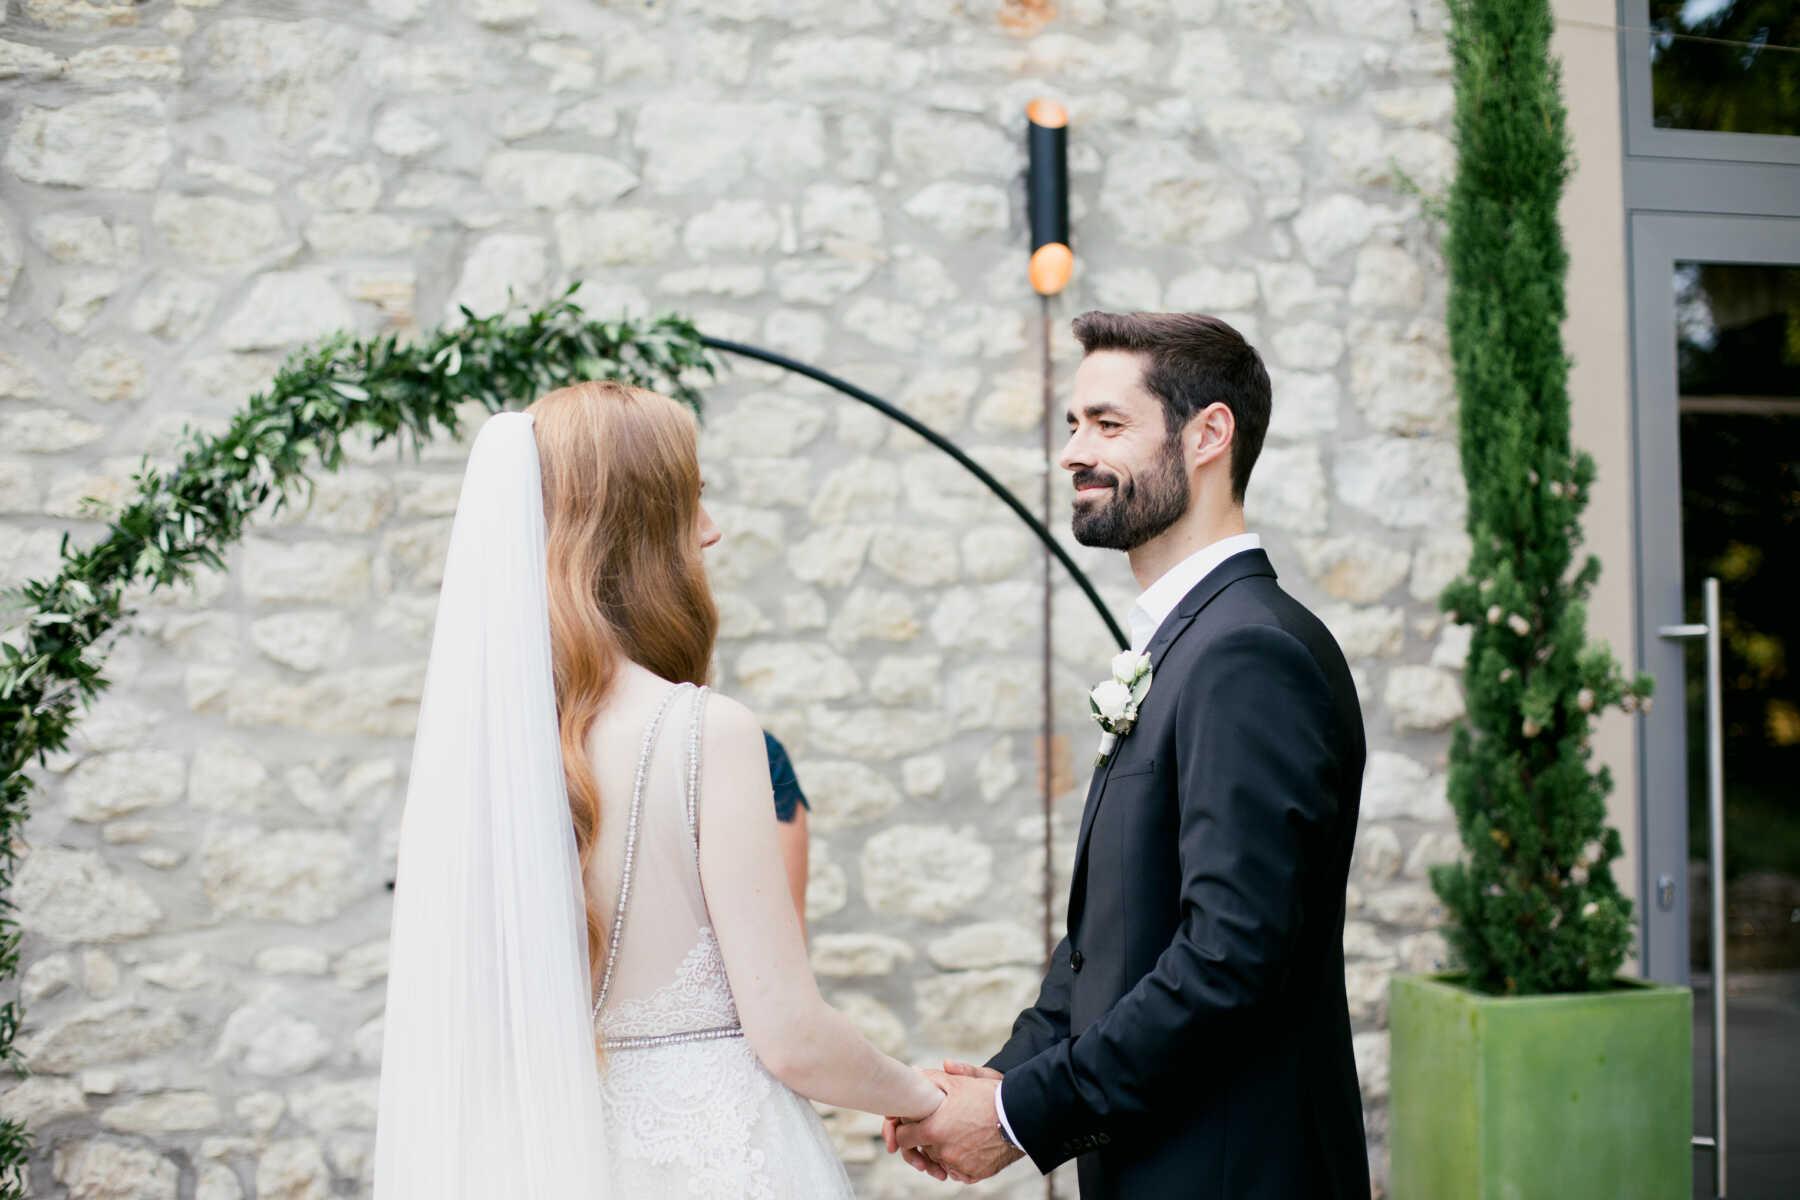 Wedding_WeingutHahn_juliawalterfotografie-91